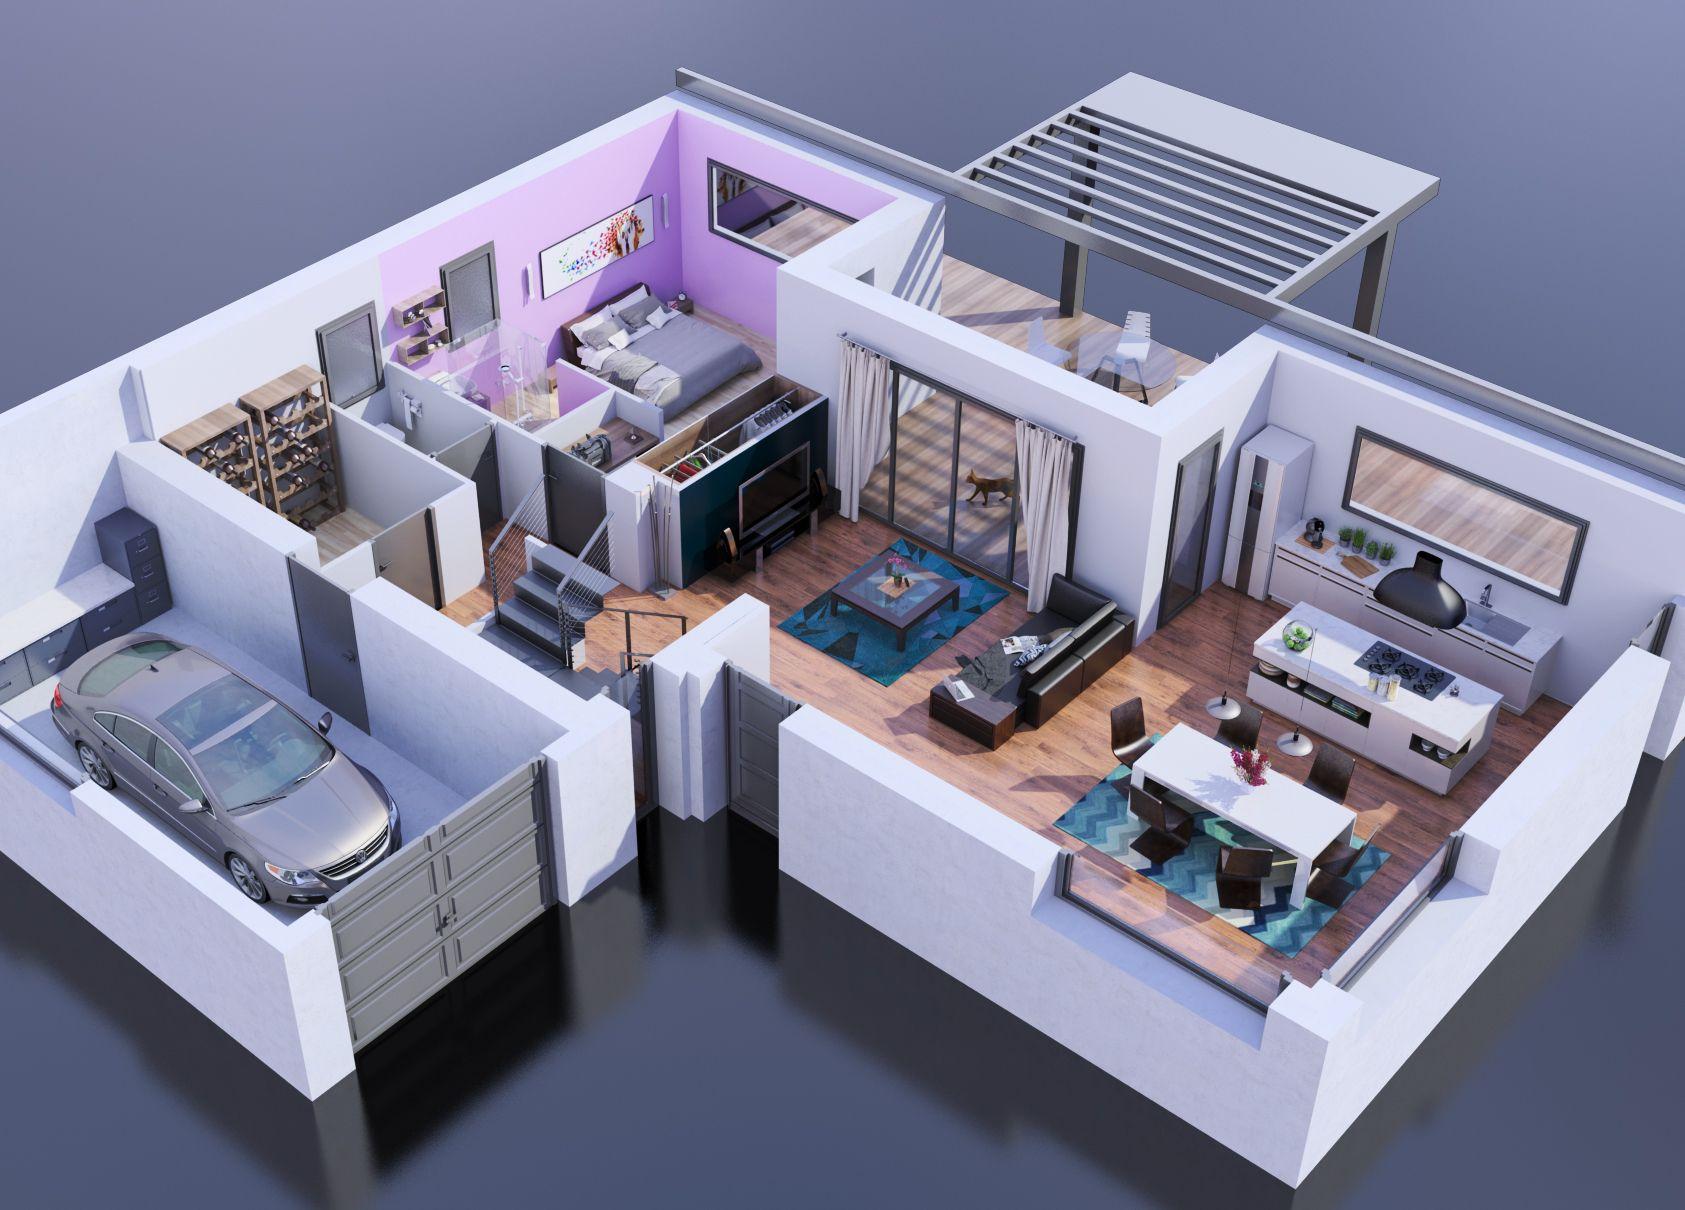 Maison   Maison Bois   3 Chambres Plus Suite Parentale   Maisons Stéphane  Berger   220000